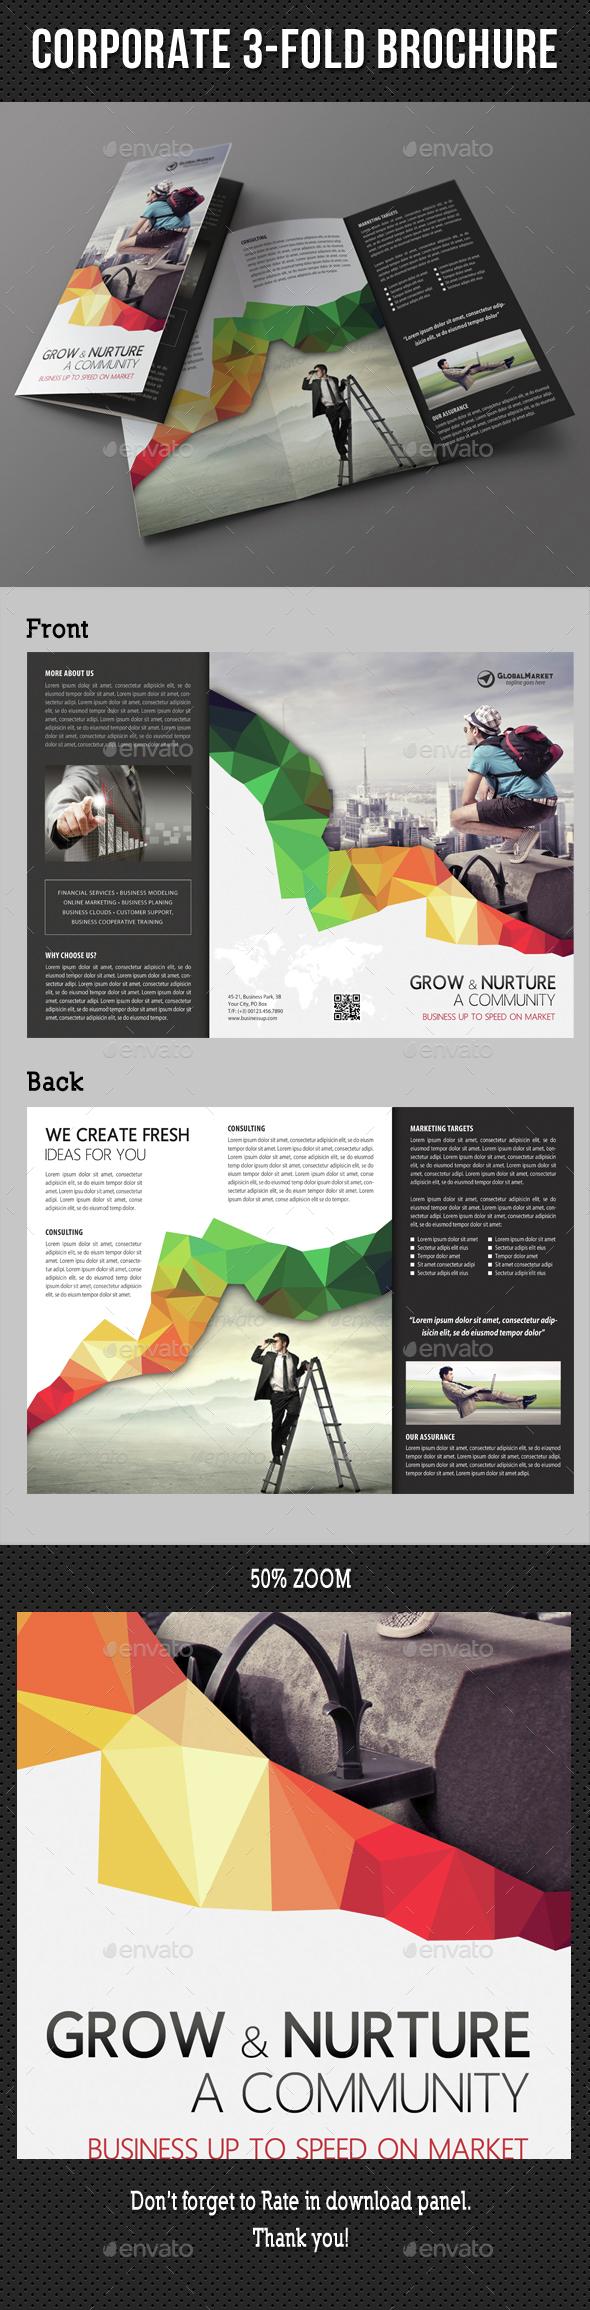 Corporate Business 3-Fold Brochure - Corporate Brochures